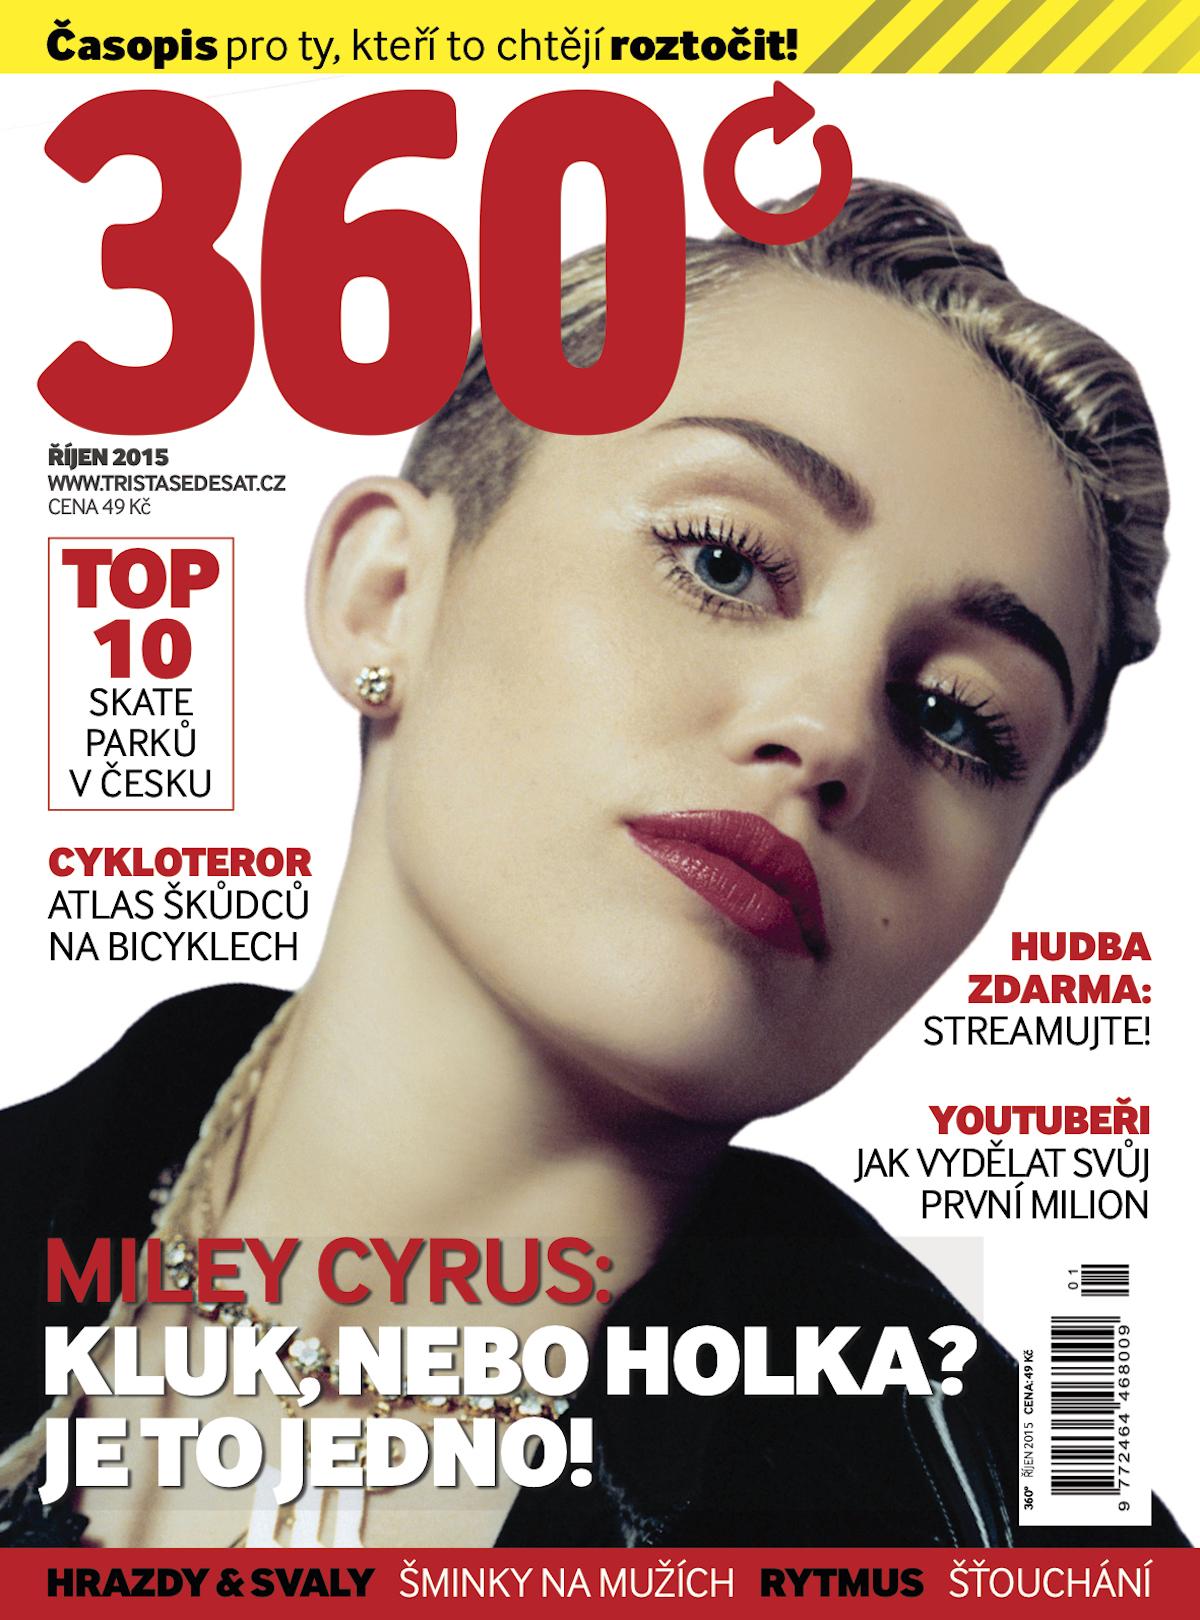 Titulní strana nového měsíčníku 360°